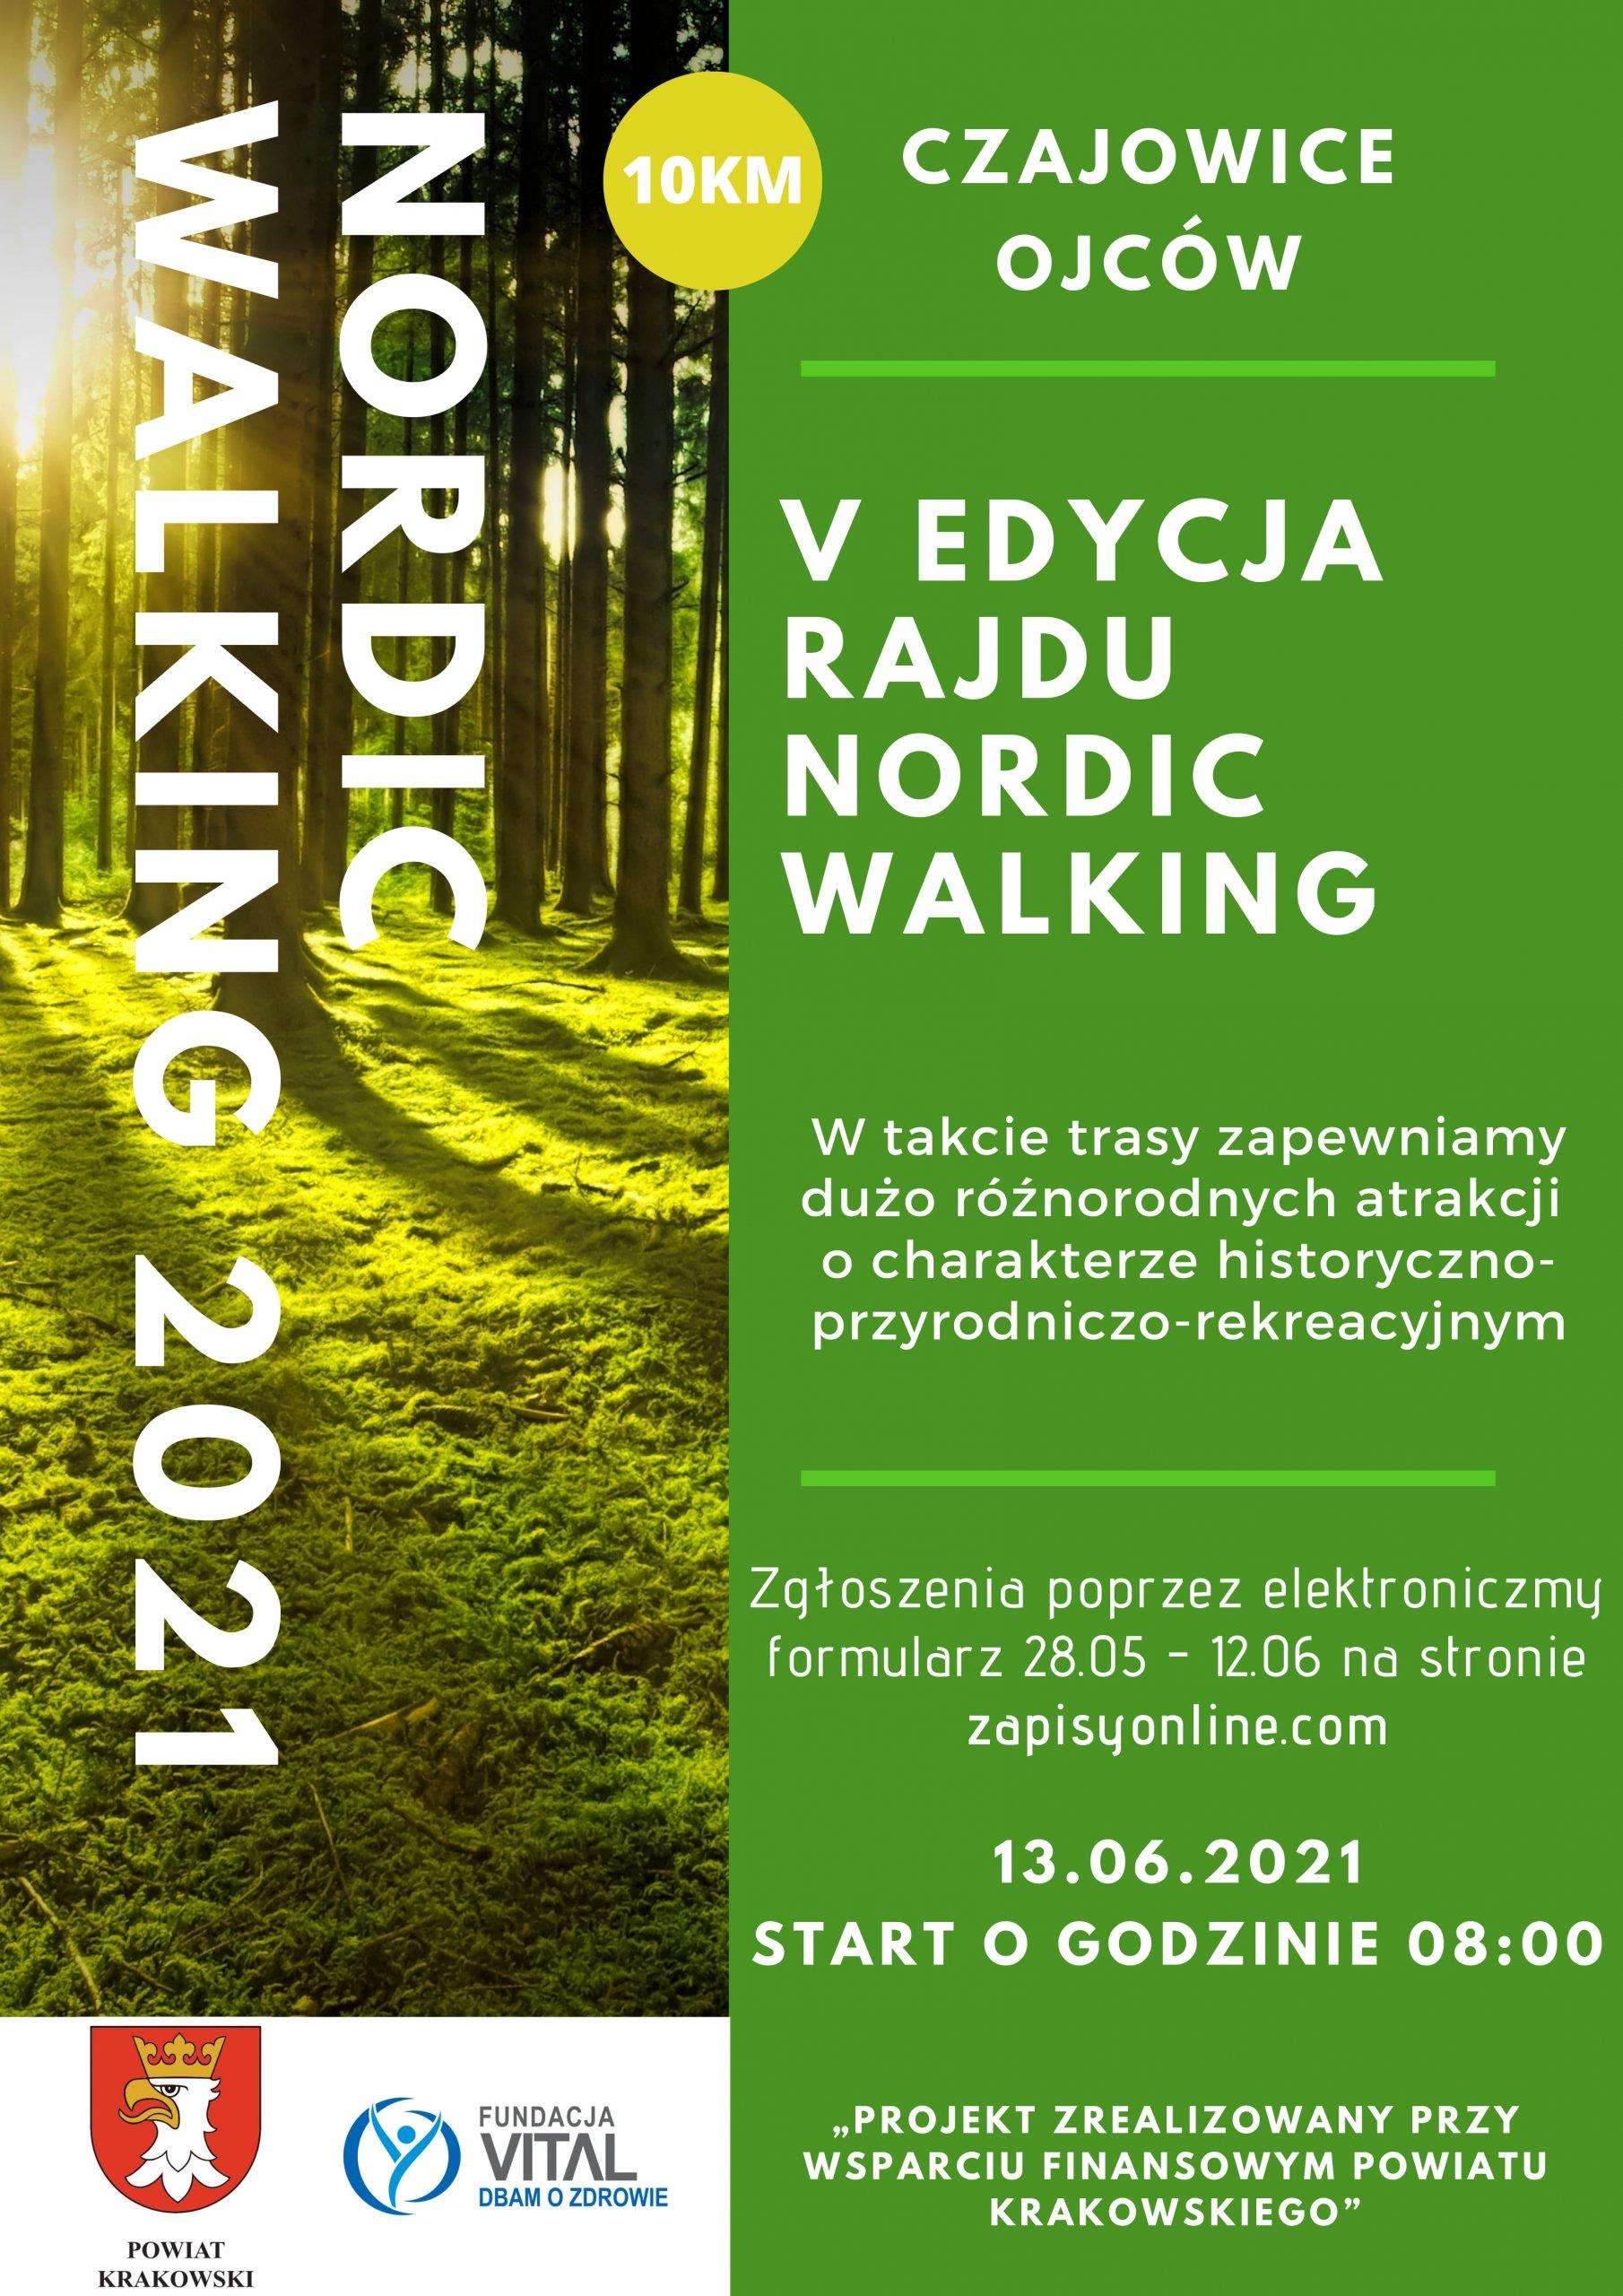 V Edycja Rajdu Nordic Walking